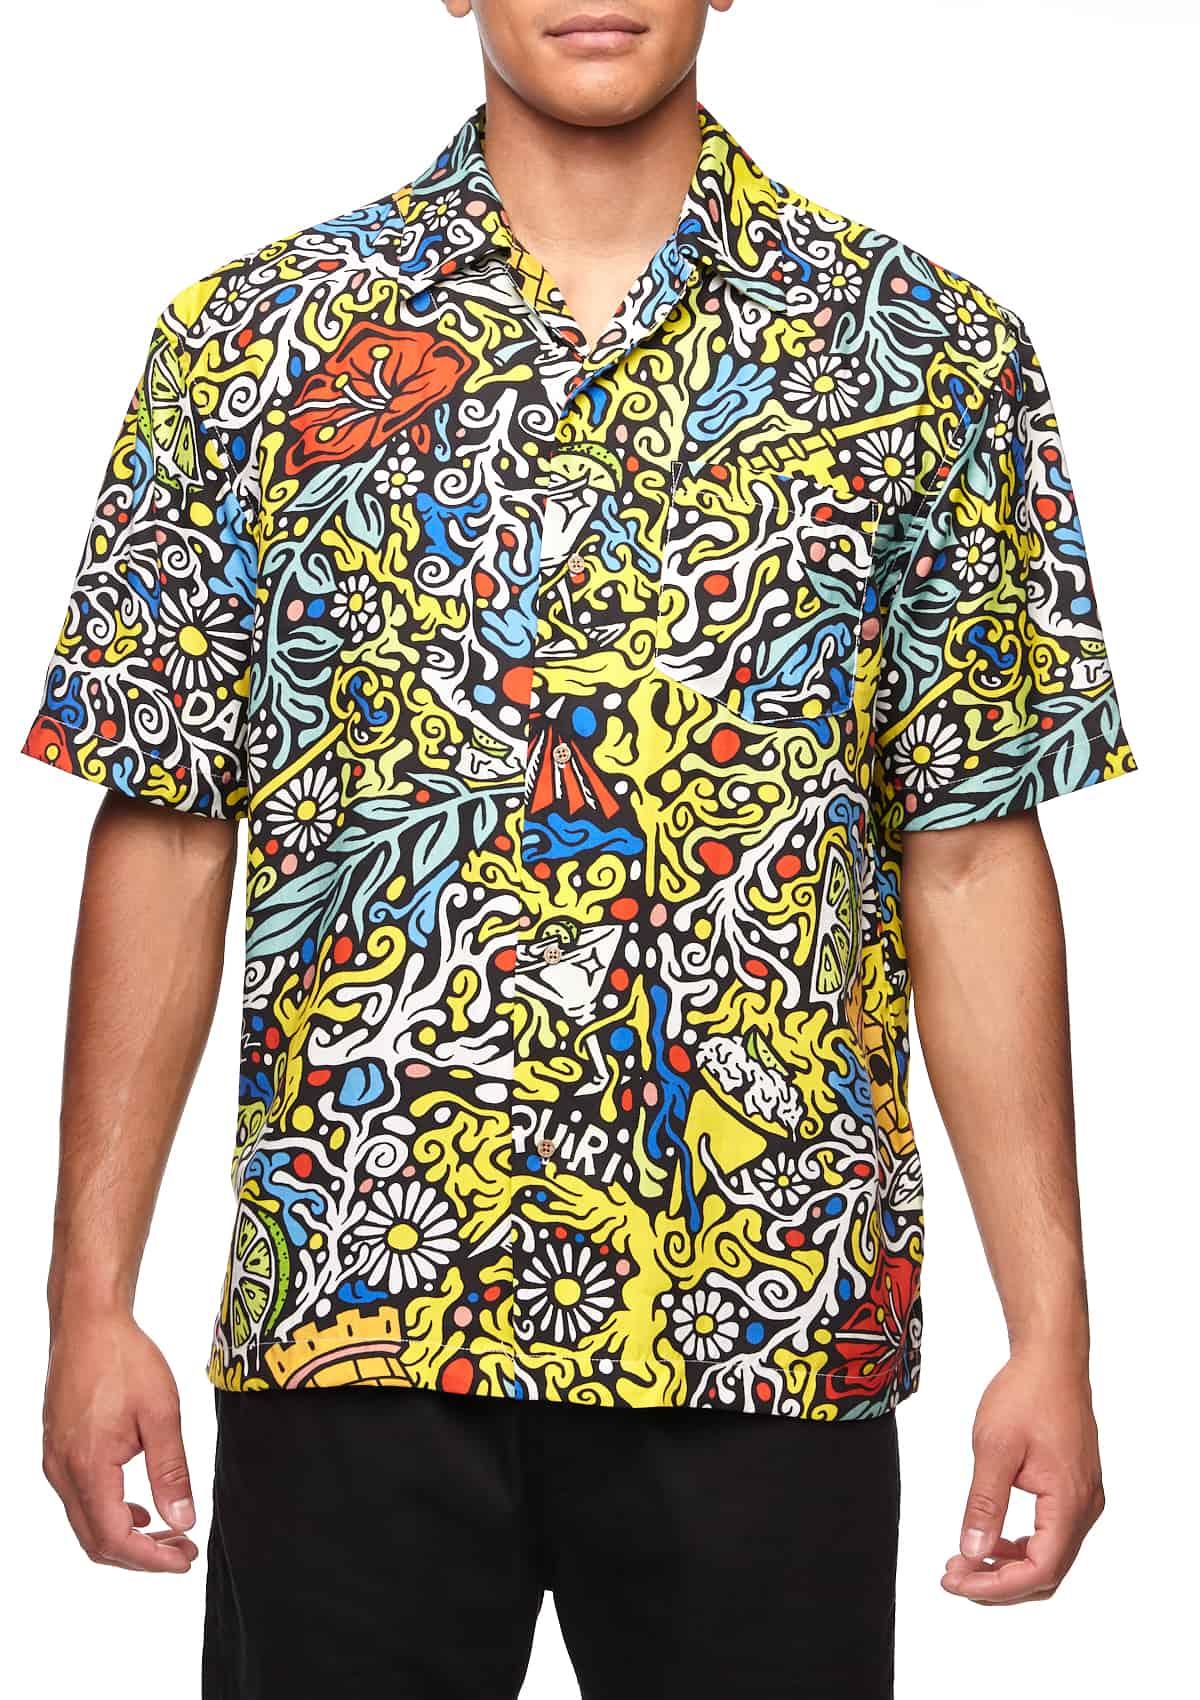 Boardies BSS420 Bebar Shirt Front